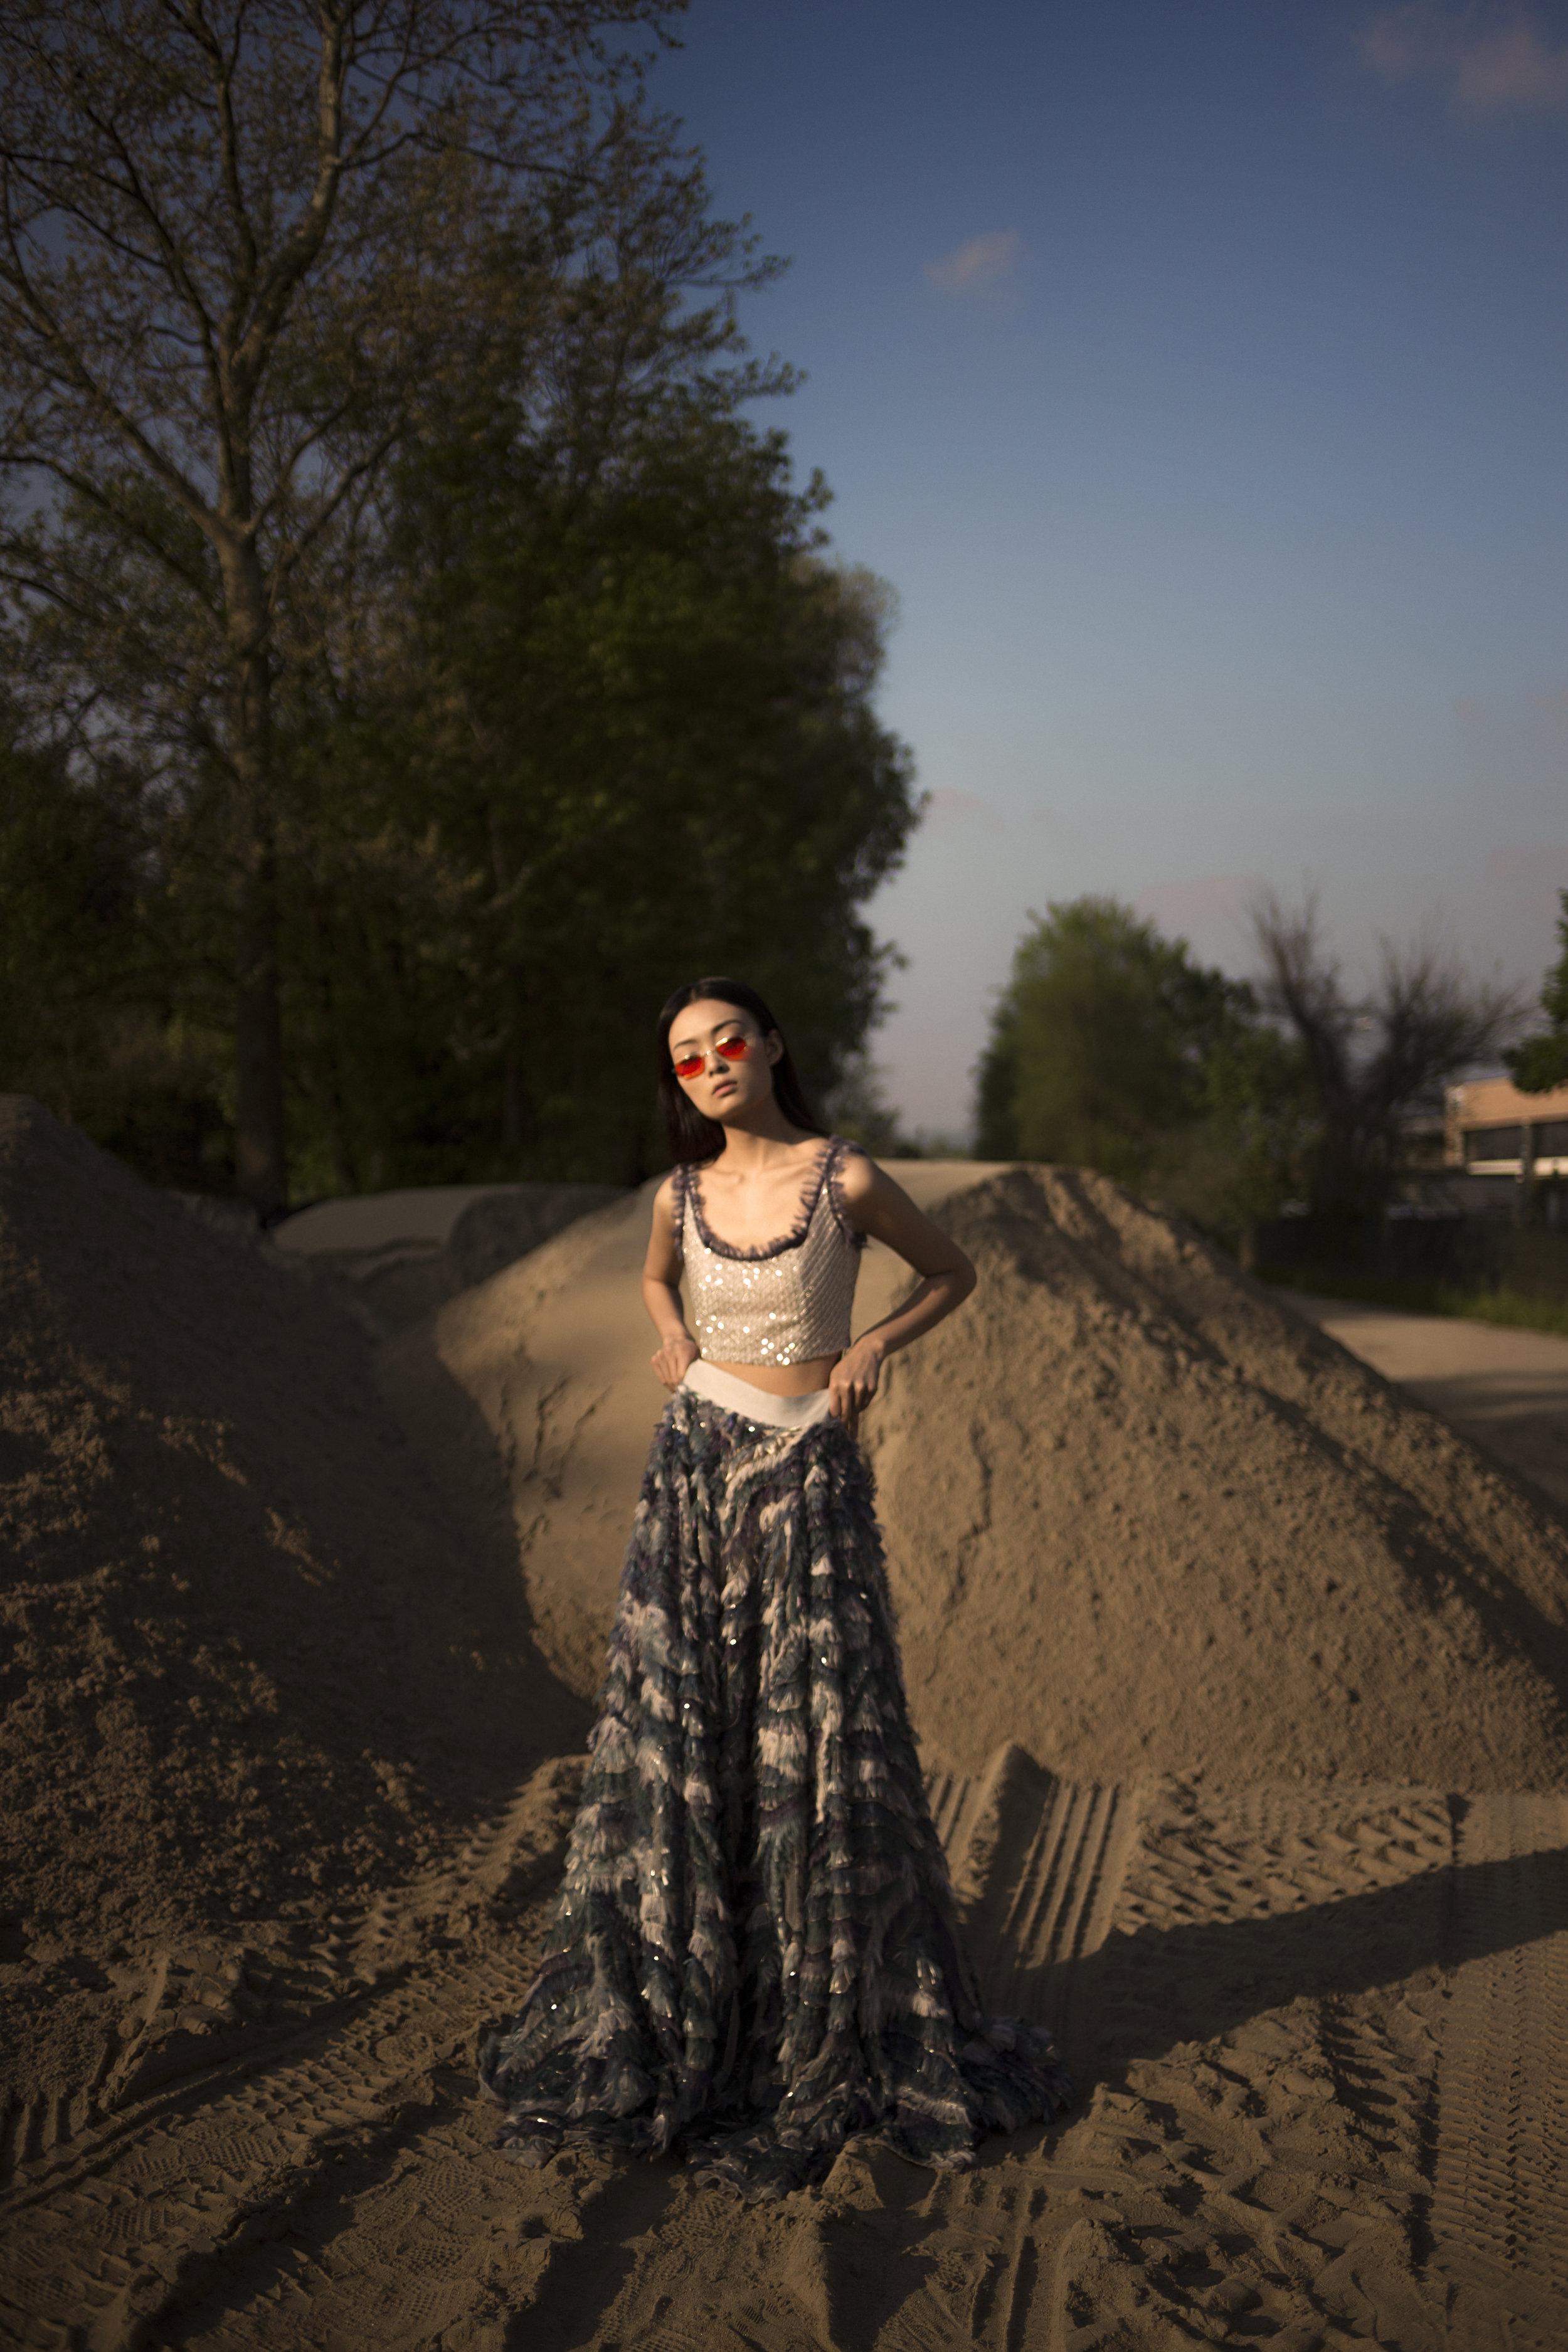 bra INTIMISSIMI, dress LUISA BECCARIA